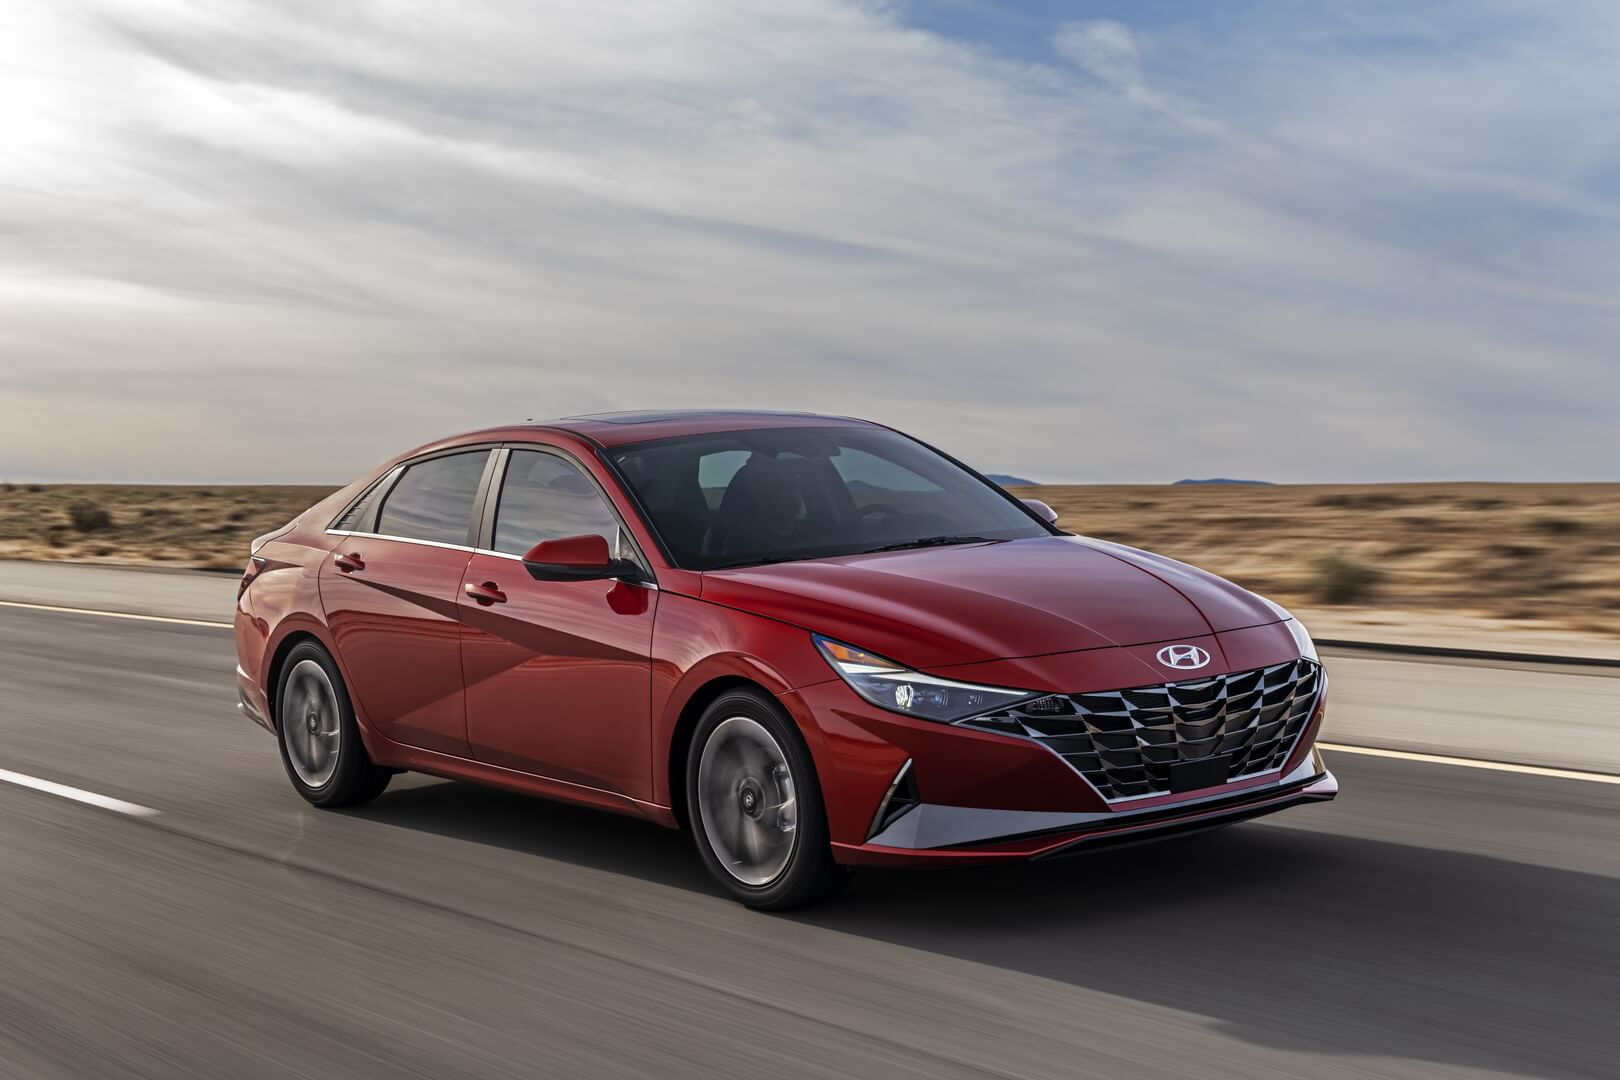 Сьоме покоління бізнес-седану Hyundai Elantra отримало гібридну модифікацію